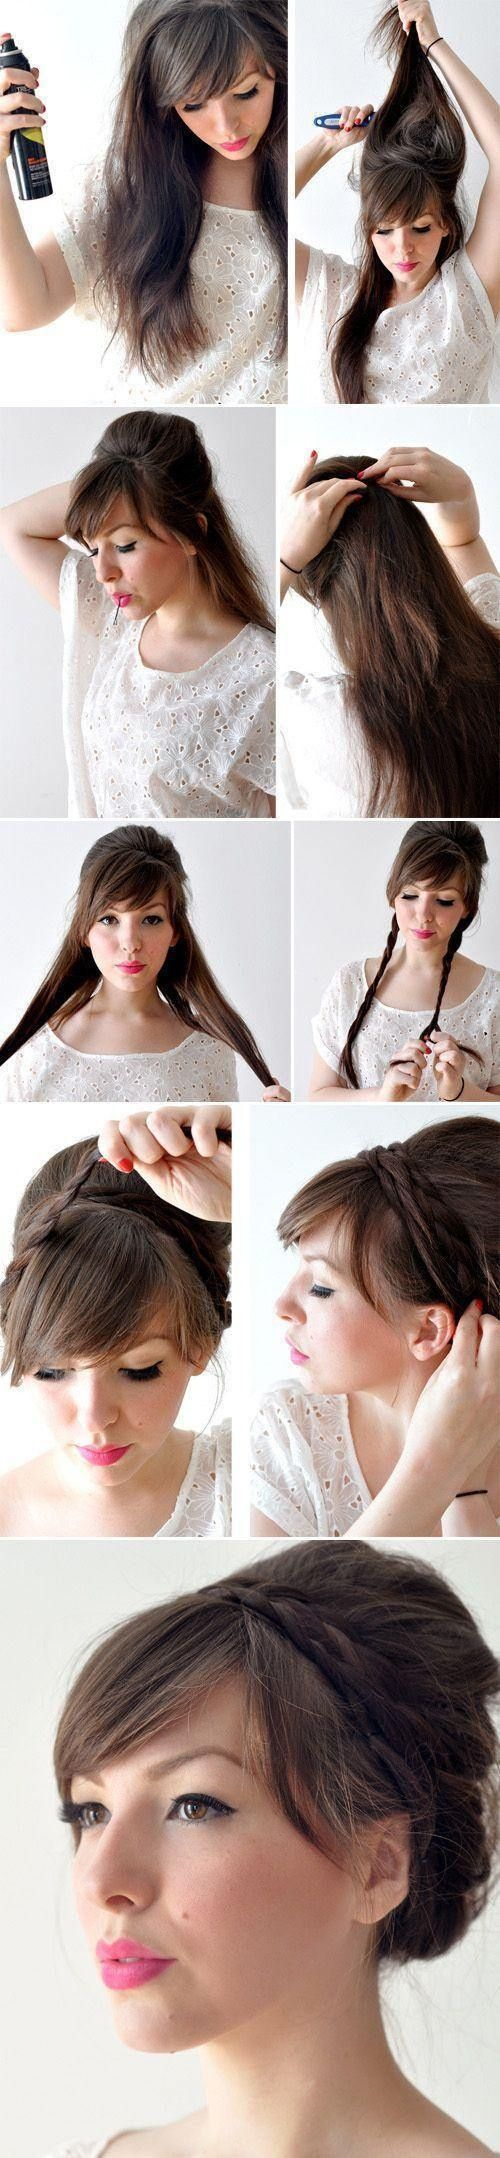 melhores imagens de beauty u health no pinterest beleza cabelo